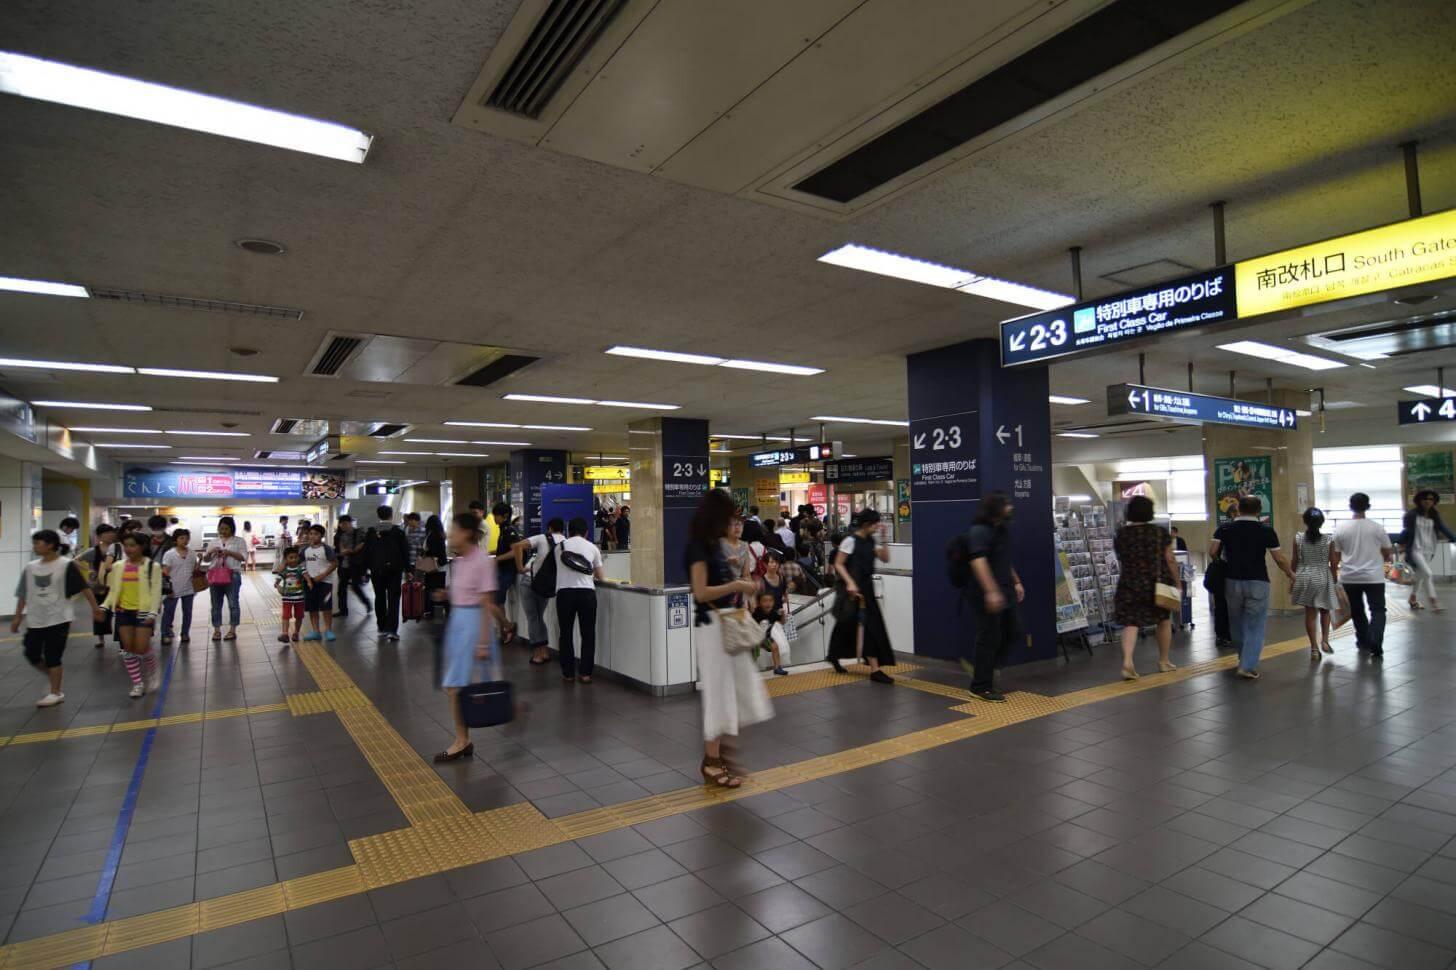 名鉄名古屋駅がカオスだと感じる理由を京都人が考えてみた ...